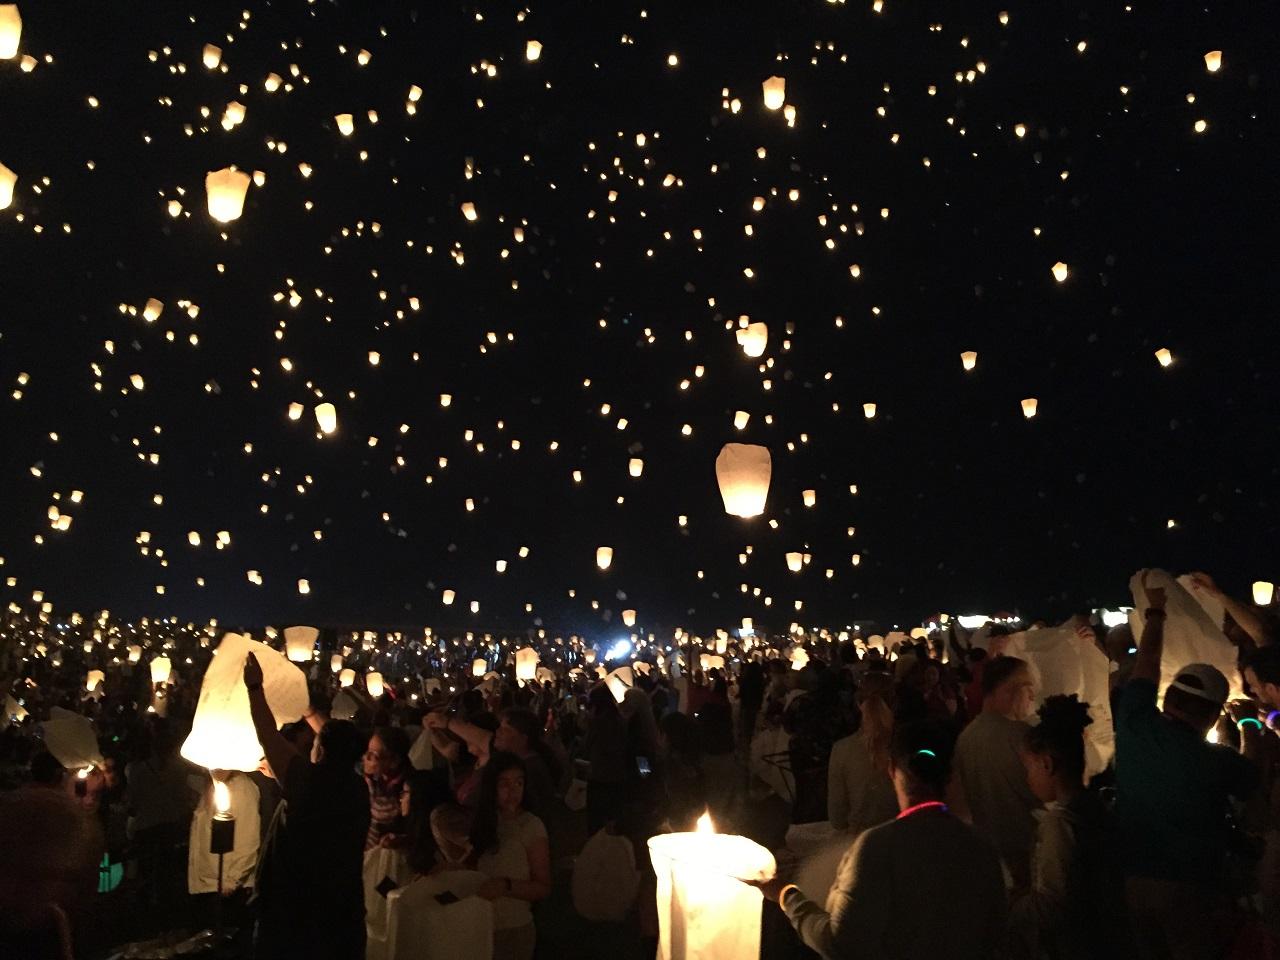 Review The Lights Festival In Philadelphia Lighting